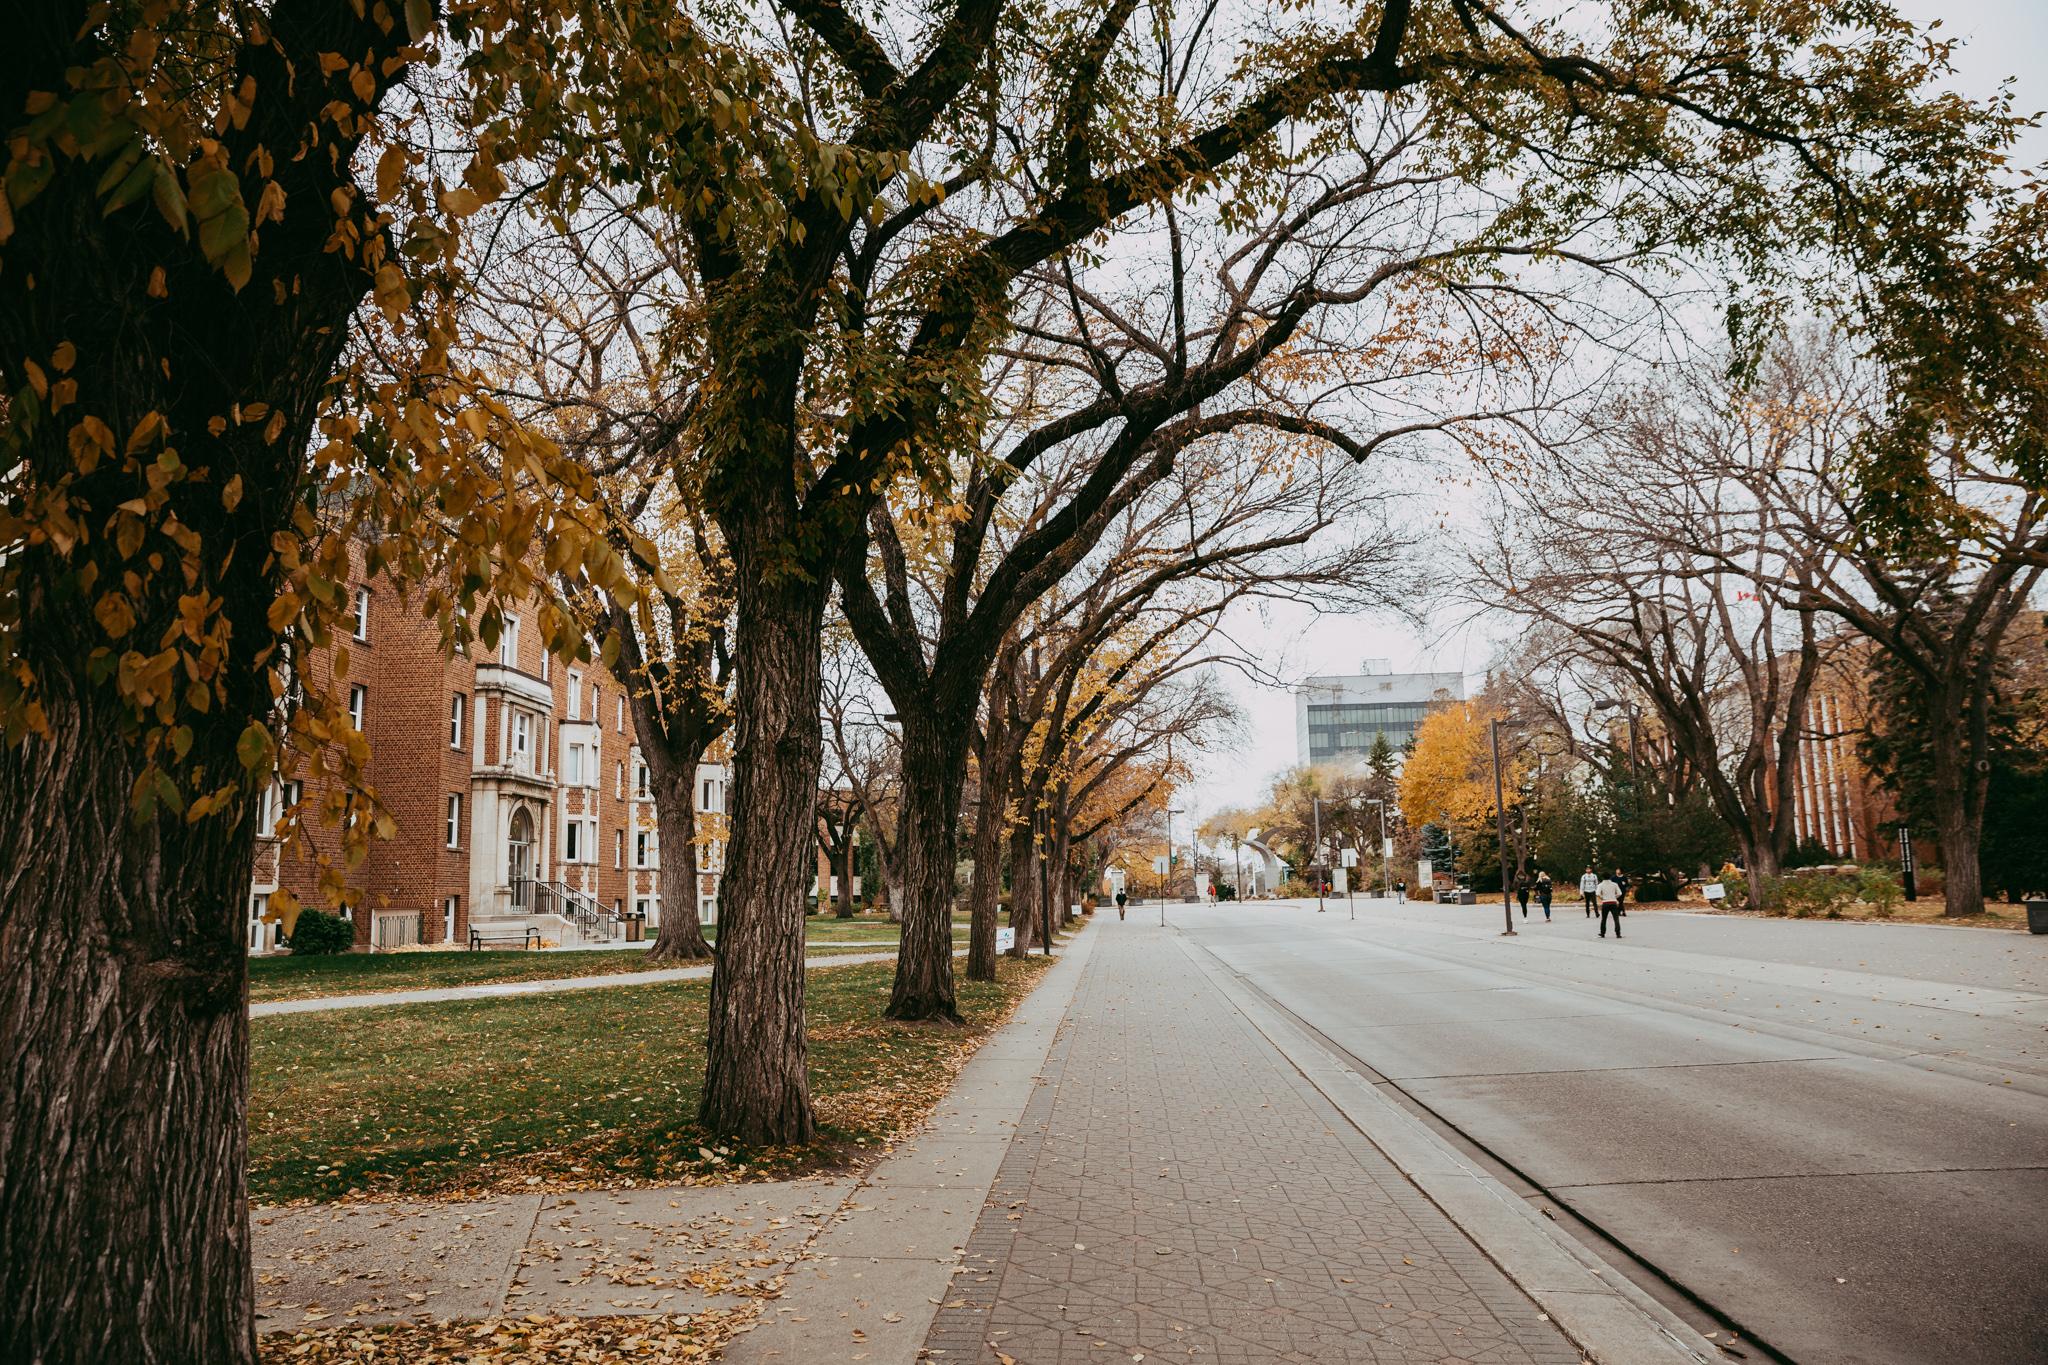 The main transit road through campus (E5/6)